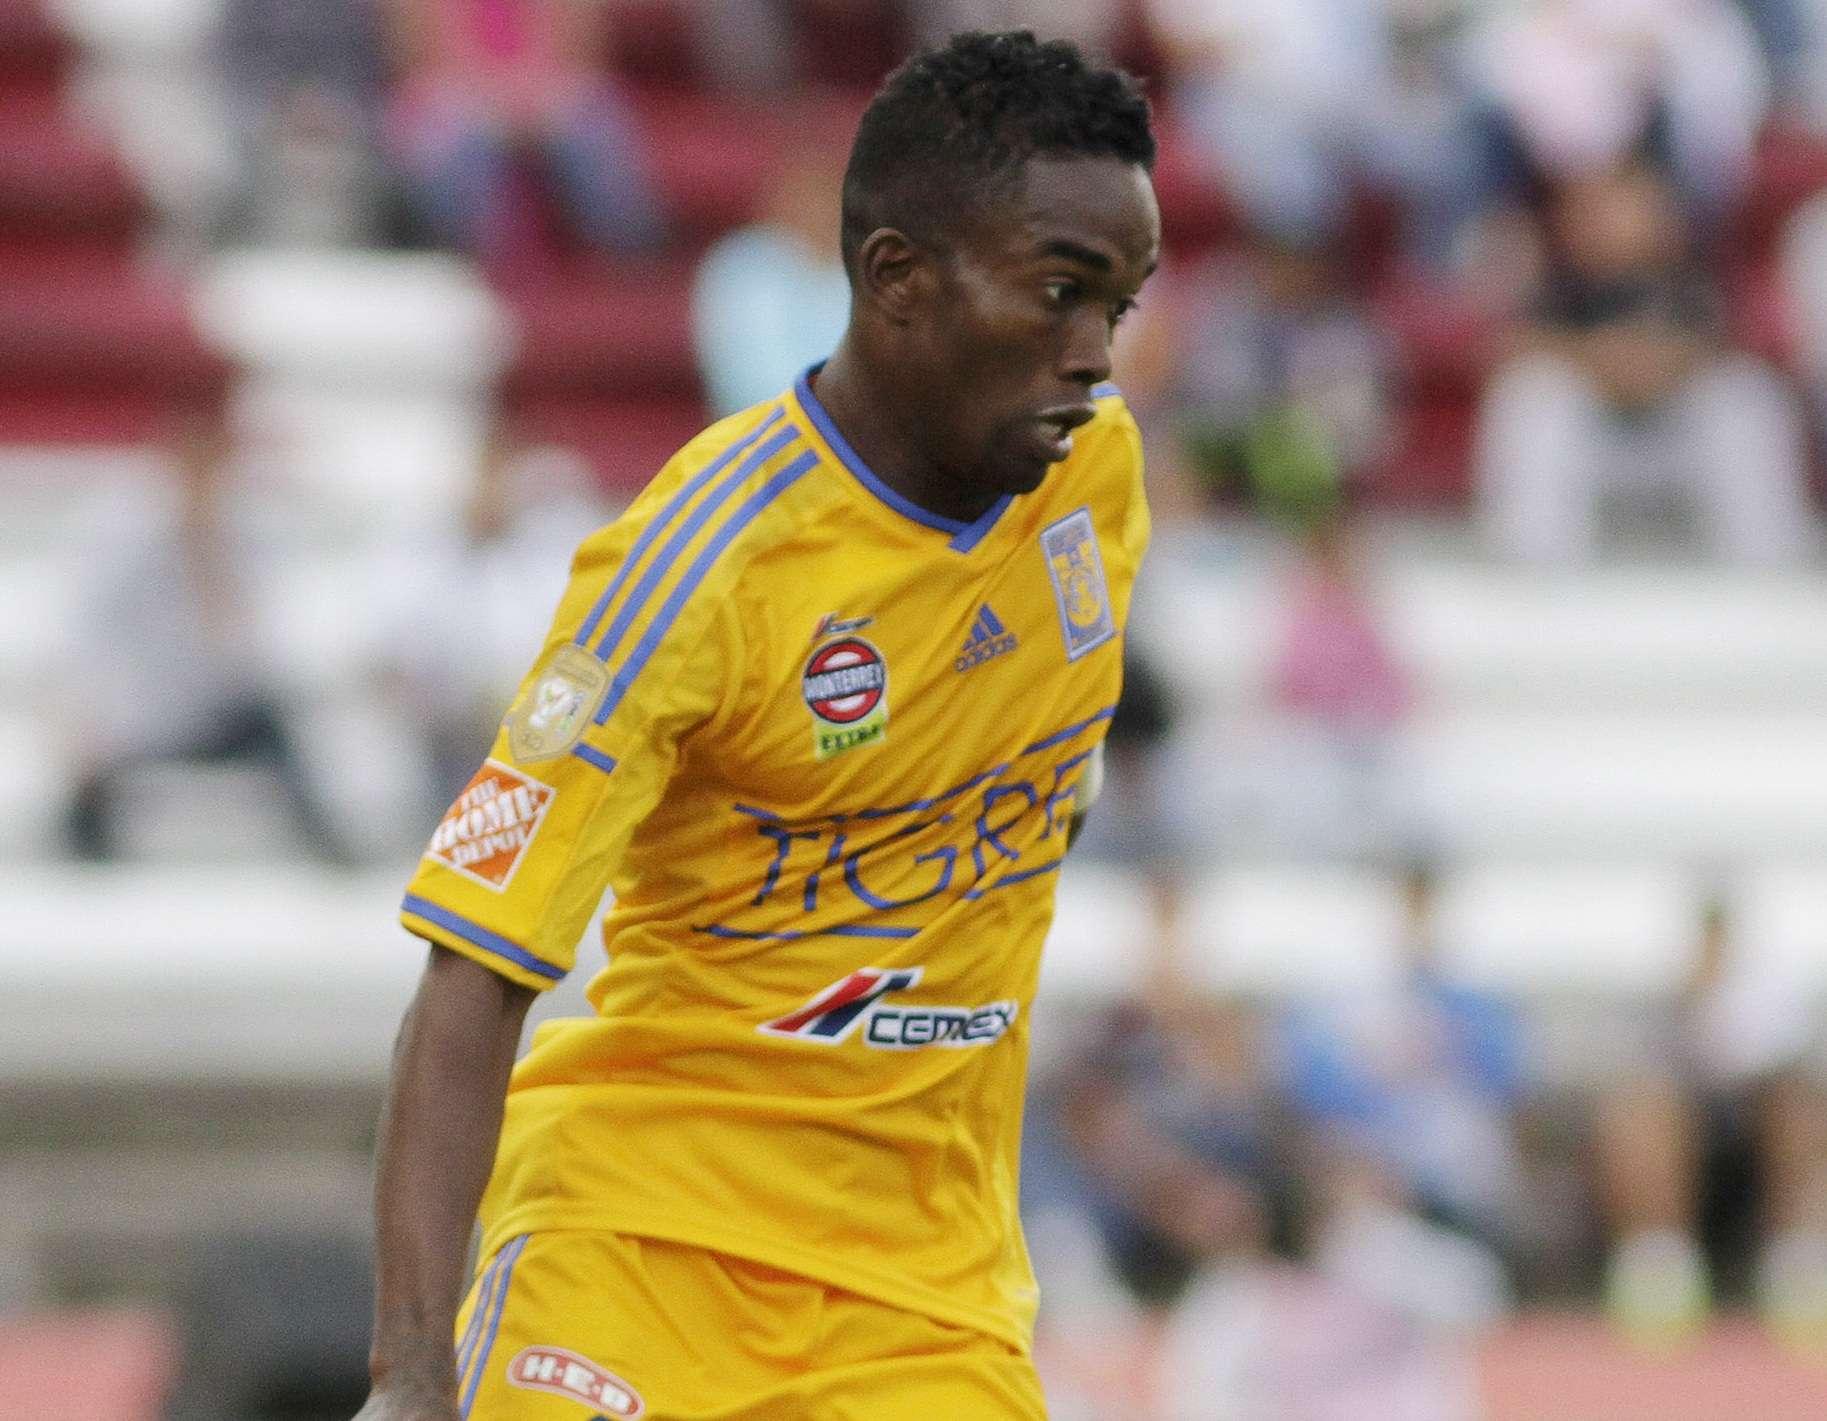 Darío Burbano suma dos goles con Tigres en el Apertura 2014. Foto: Imago7